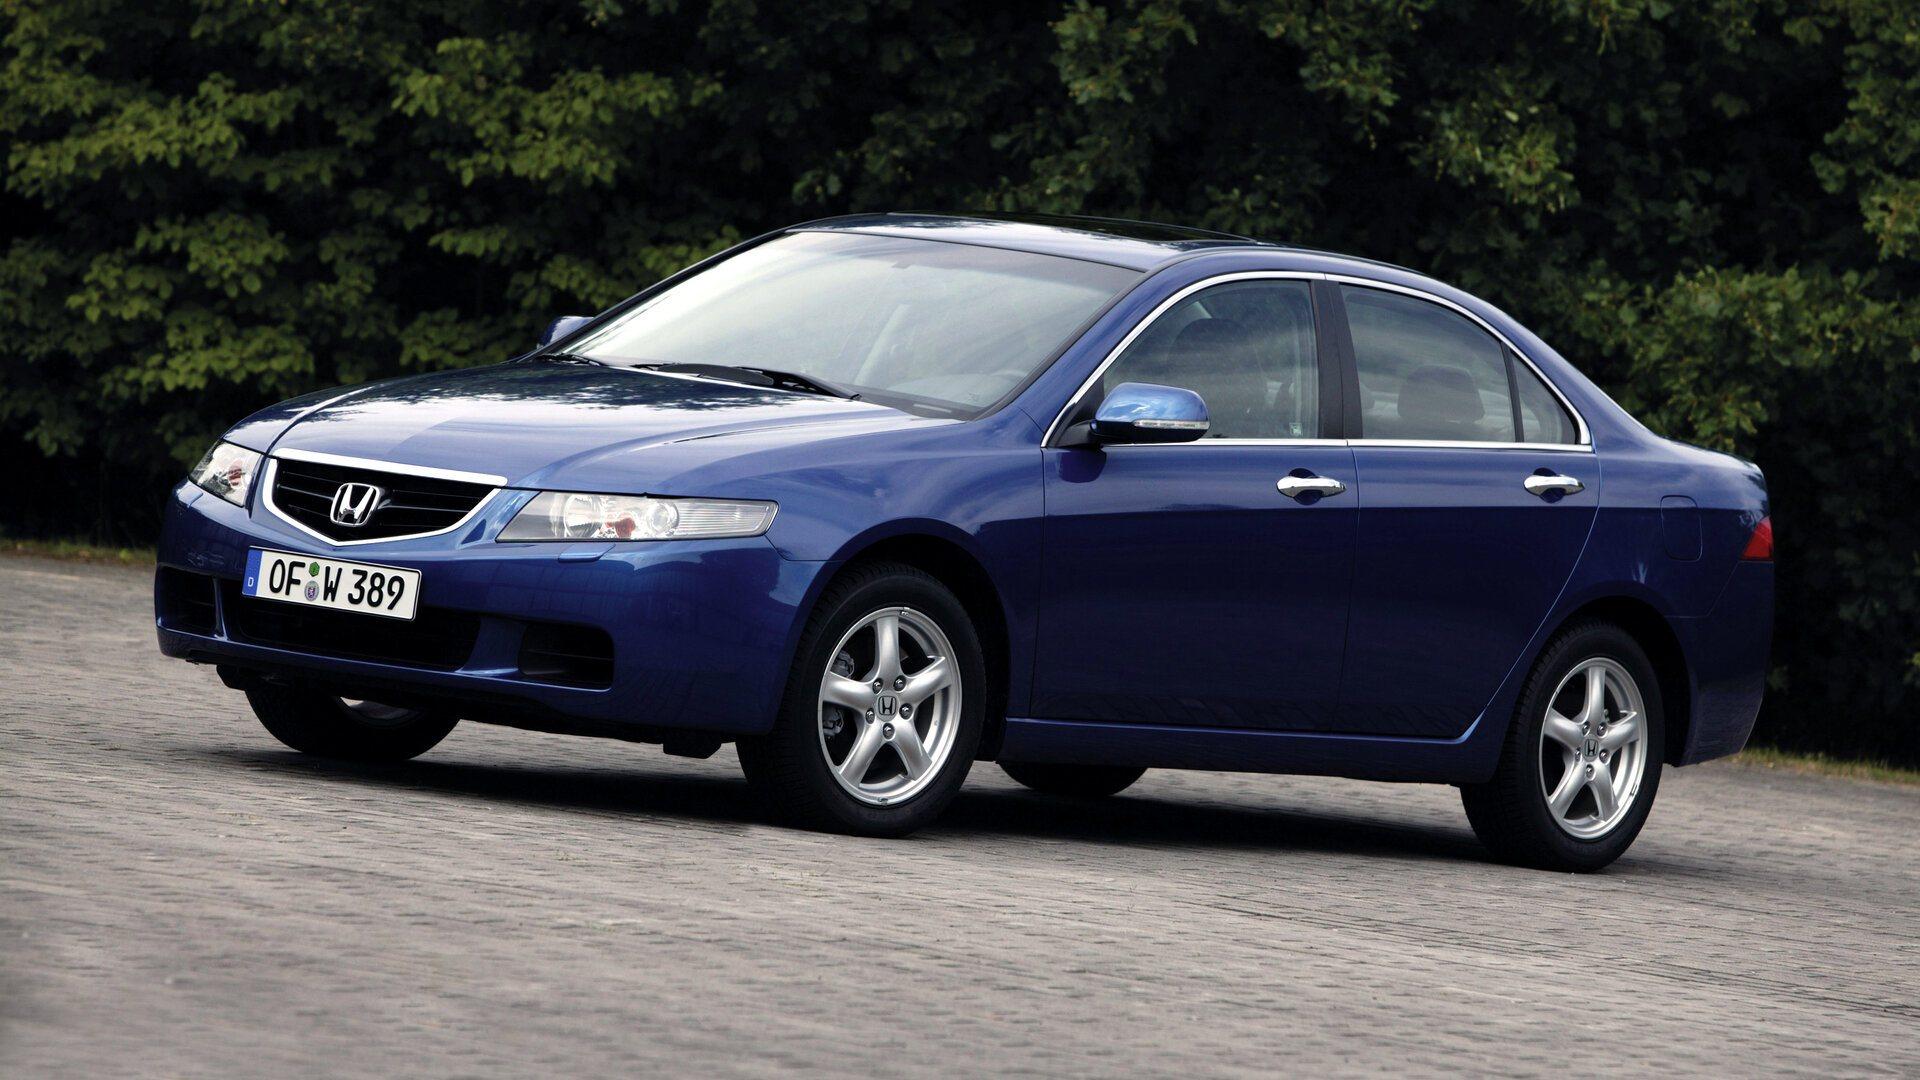 Coche del día: Honda Accord 2.2 i-CTDi (CL7)